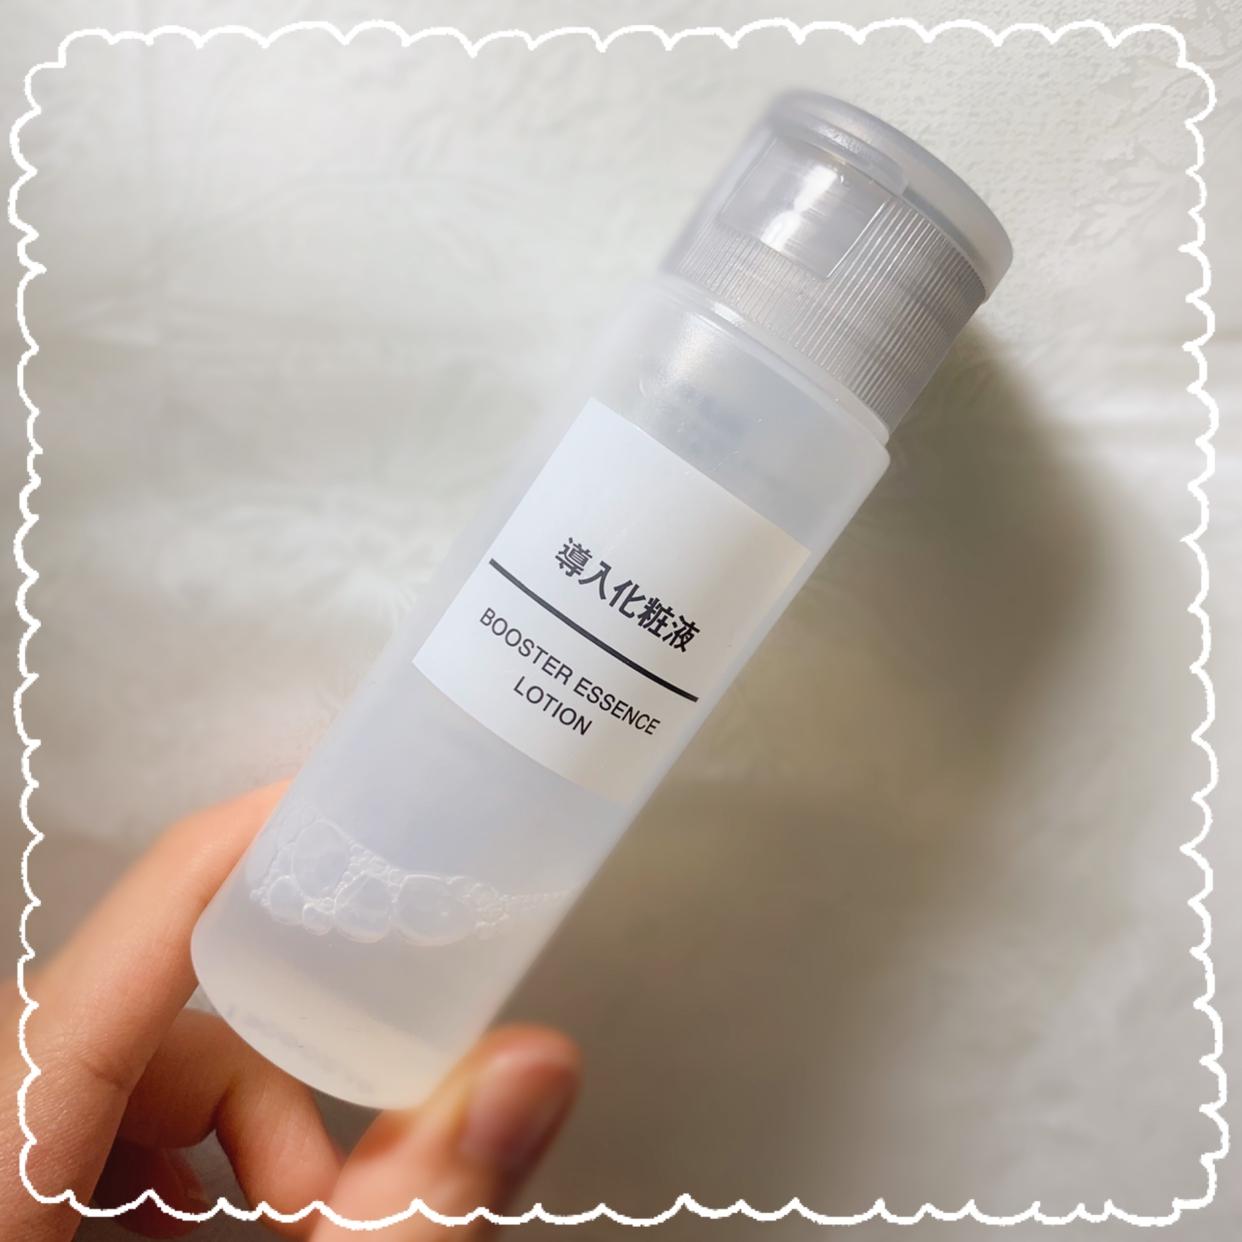 無印良品(MUJI)導入化粧液を使ったAyumiさんのクチコミ画像